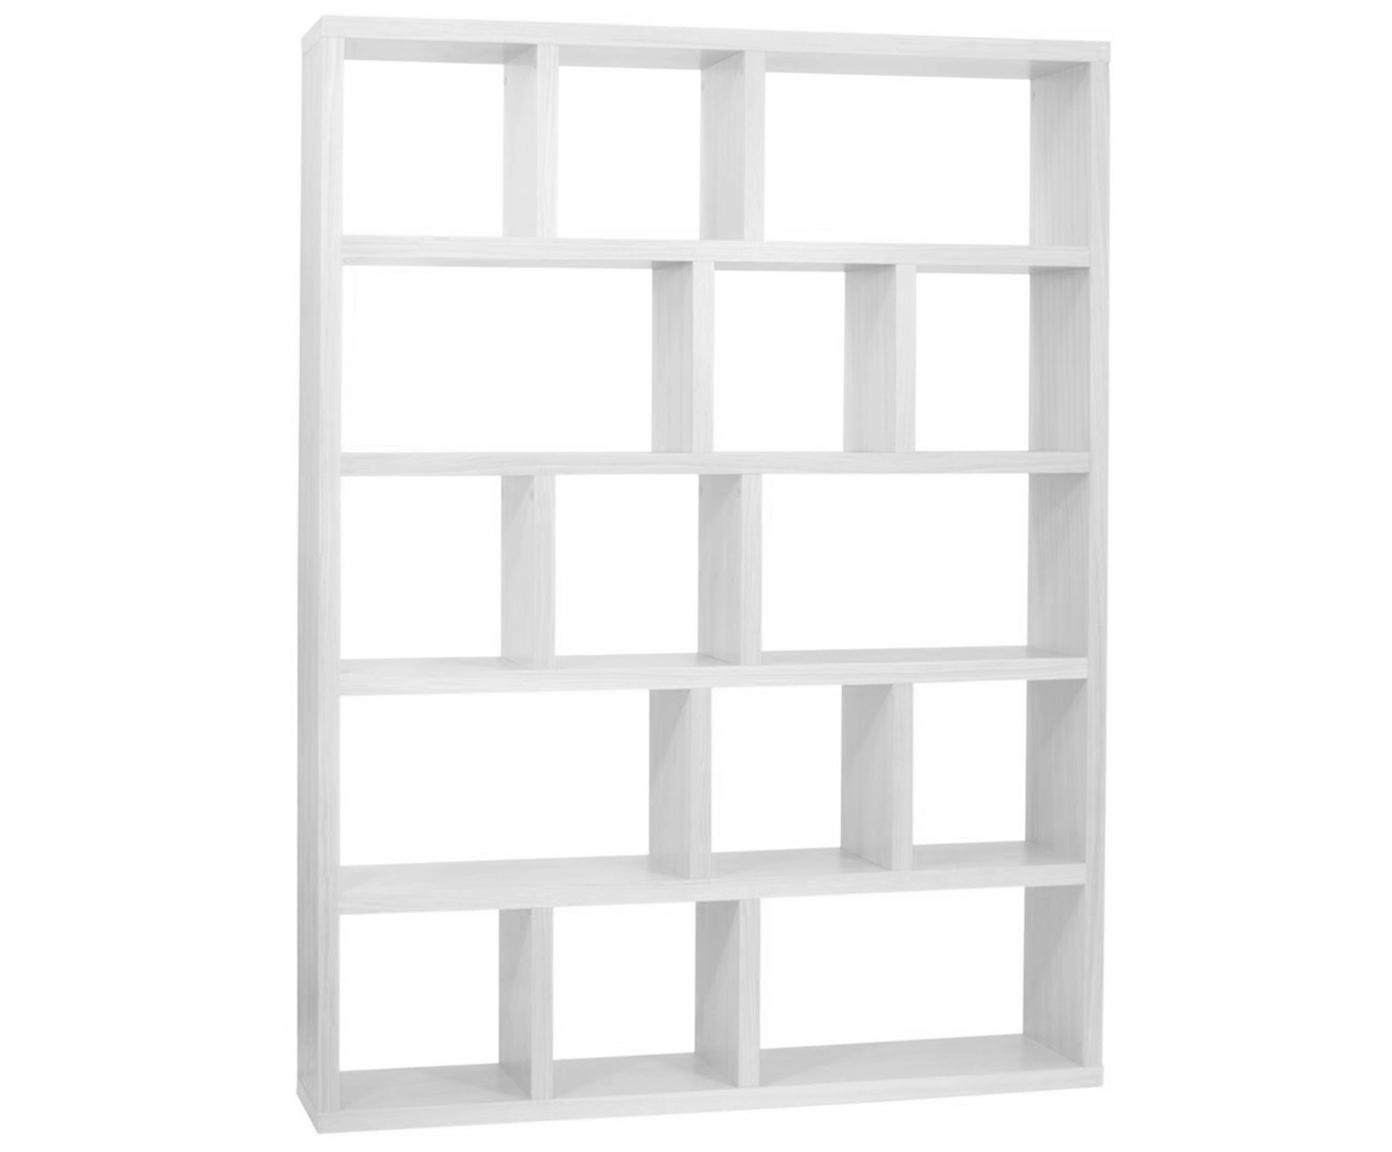 Estantería de madera Portlyn, Estructura: panel en nido de abeja li, Superficie: chapado en melamina, Blanco, mate, An 150 x Al 198 cm